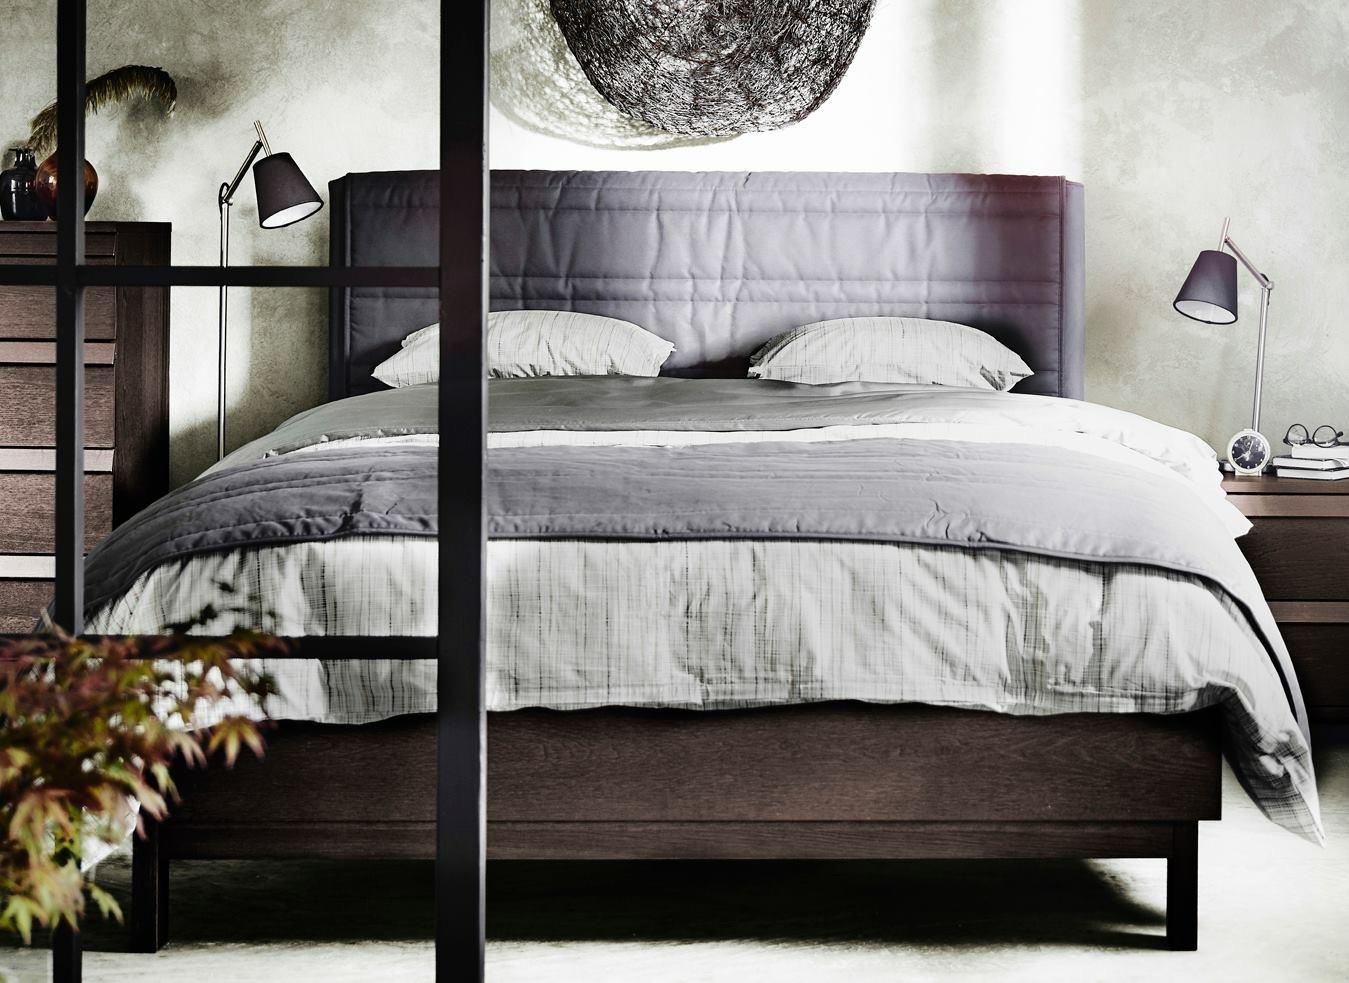 Interieur inspiratie slaapkamer genius choicegenius choice for Interieur inspiratie slaapkamer